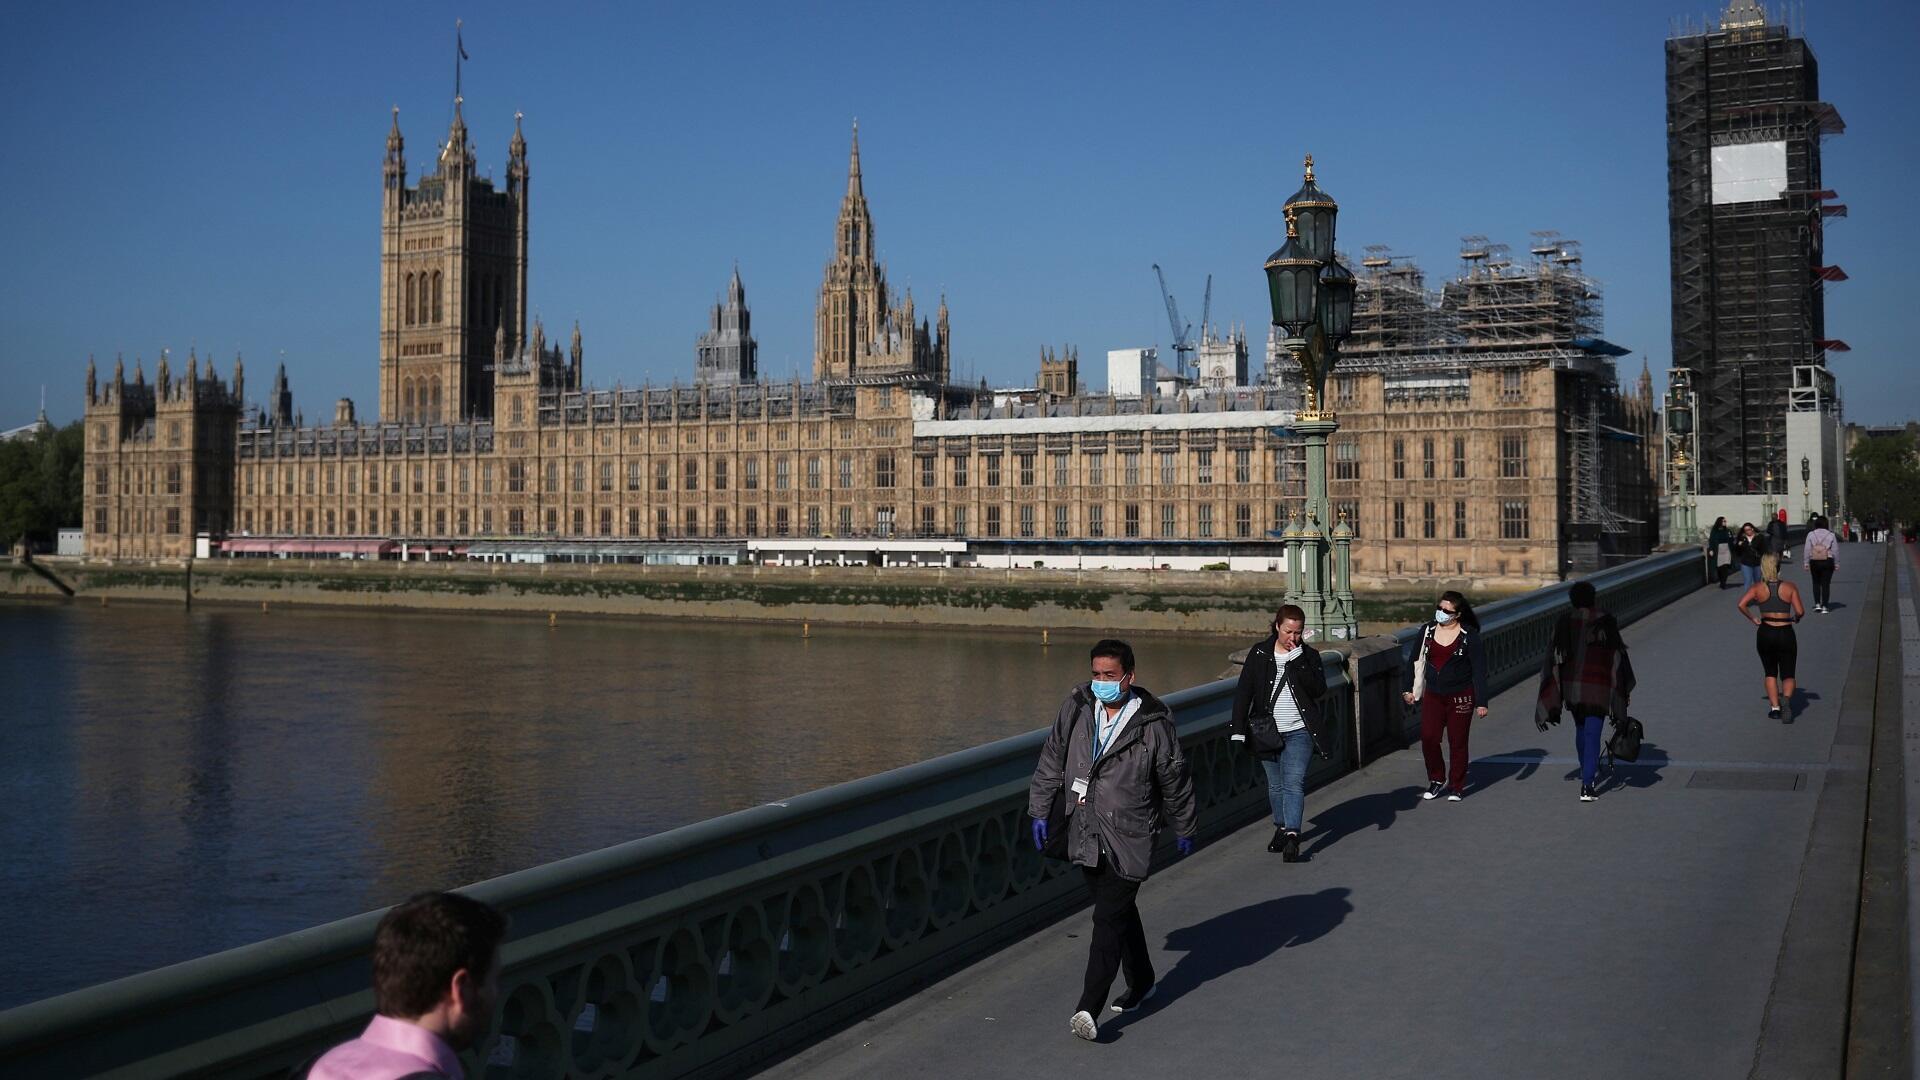 Las personas caminan por el puente de Westminster en Londres, el 6 de mayo de 2020.